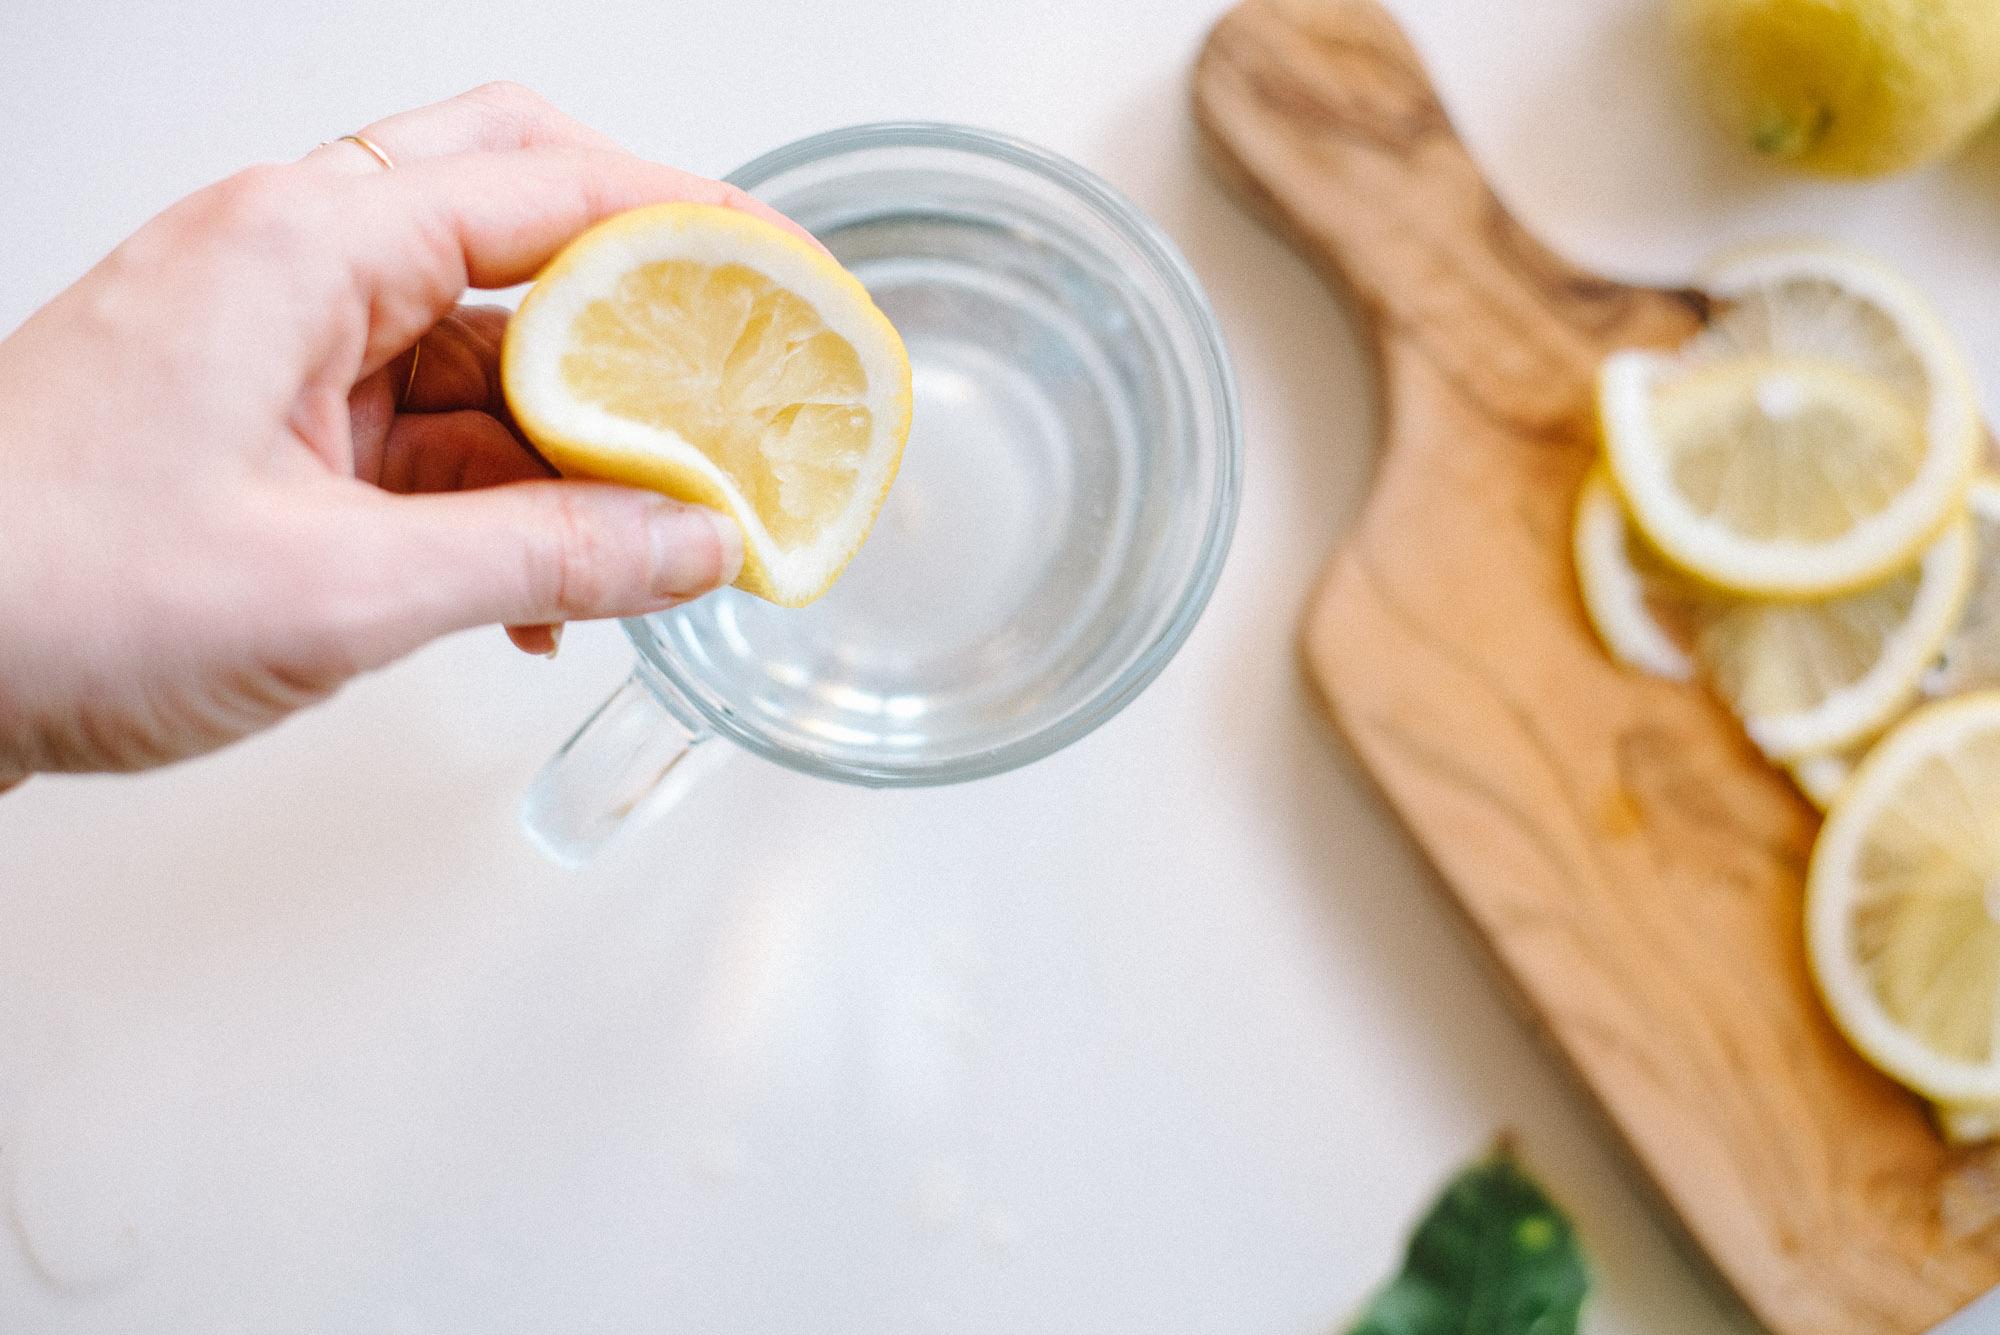 hand-squeezing-lemon-water | Kale & Caramel